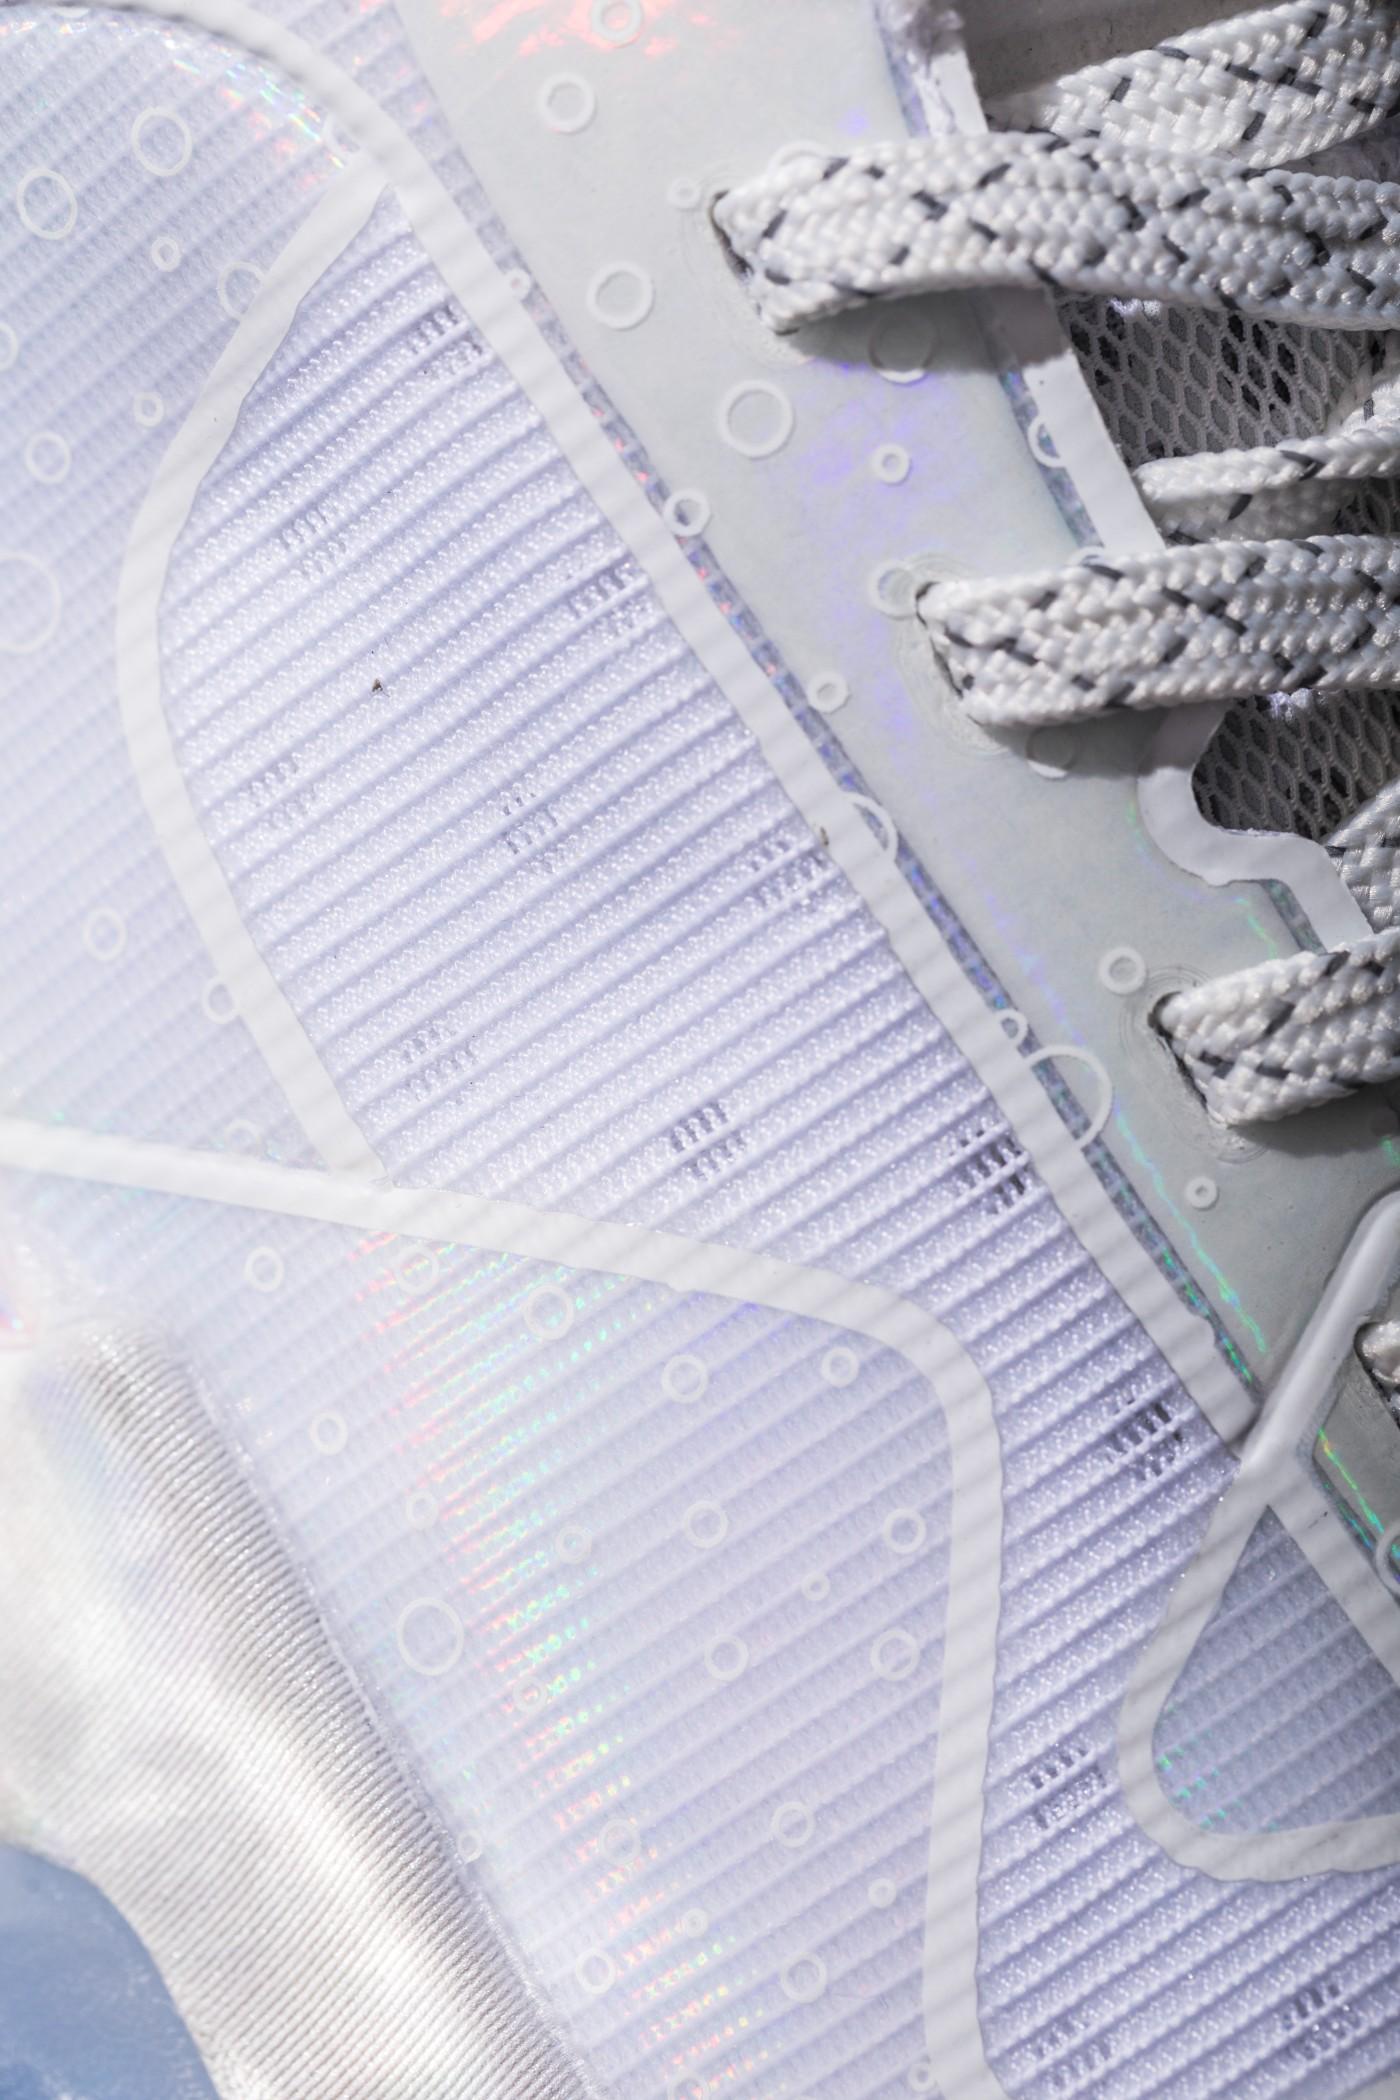 发售,闪现 3,PEAK,匹克  牛 X!销量突破千万双!多亏你们的差评,让这双鞋脚感更爽了!